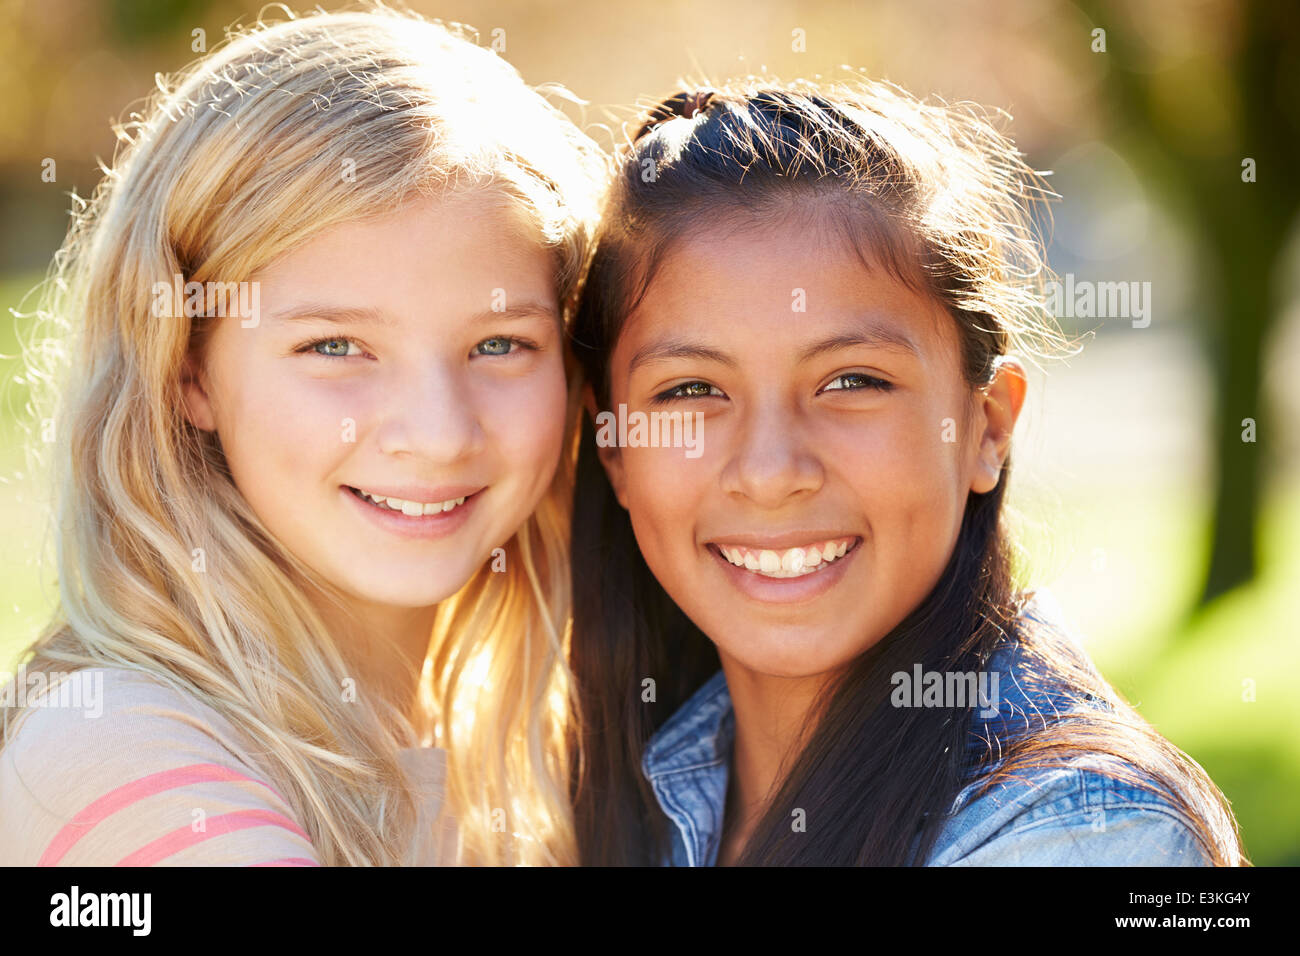 Portrait de deux jolies filles en pleine campagne Photo Stock